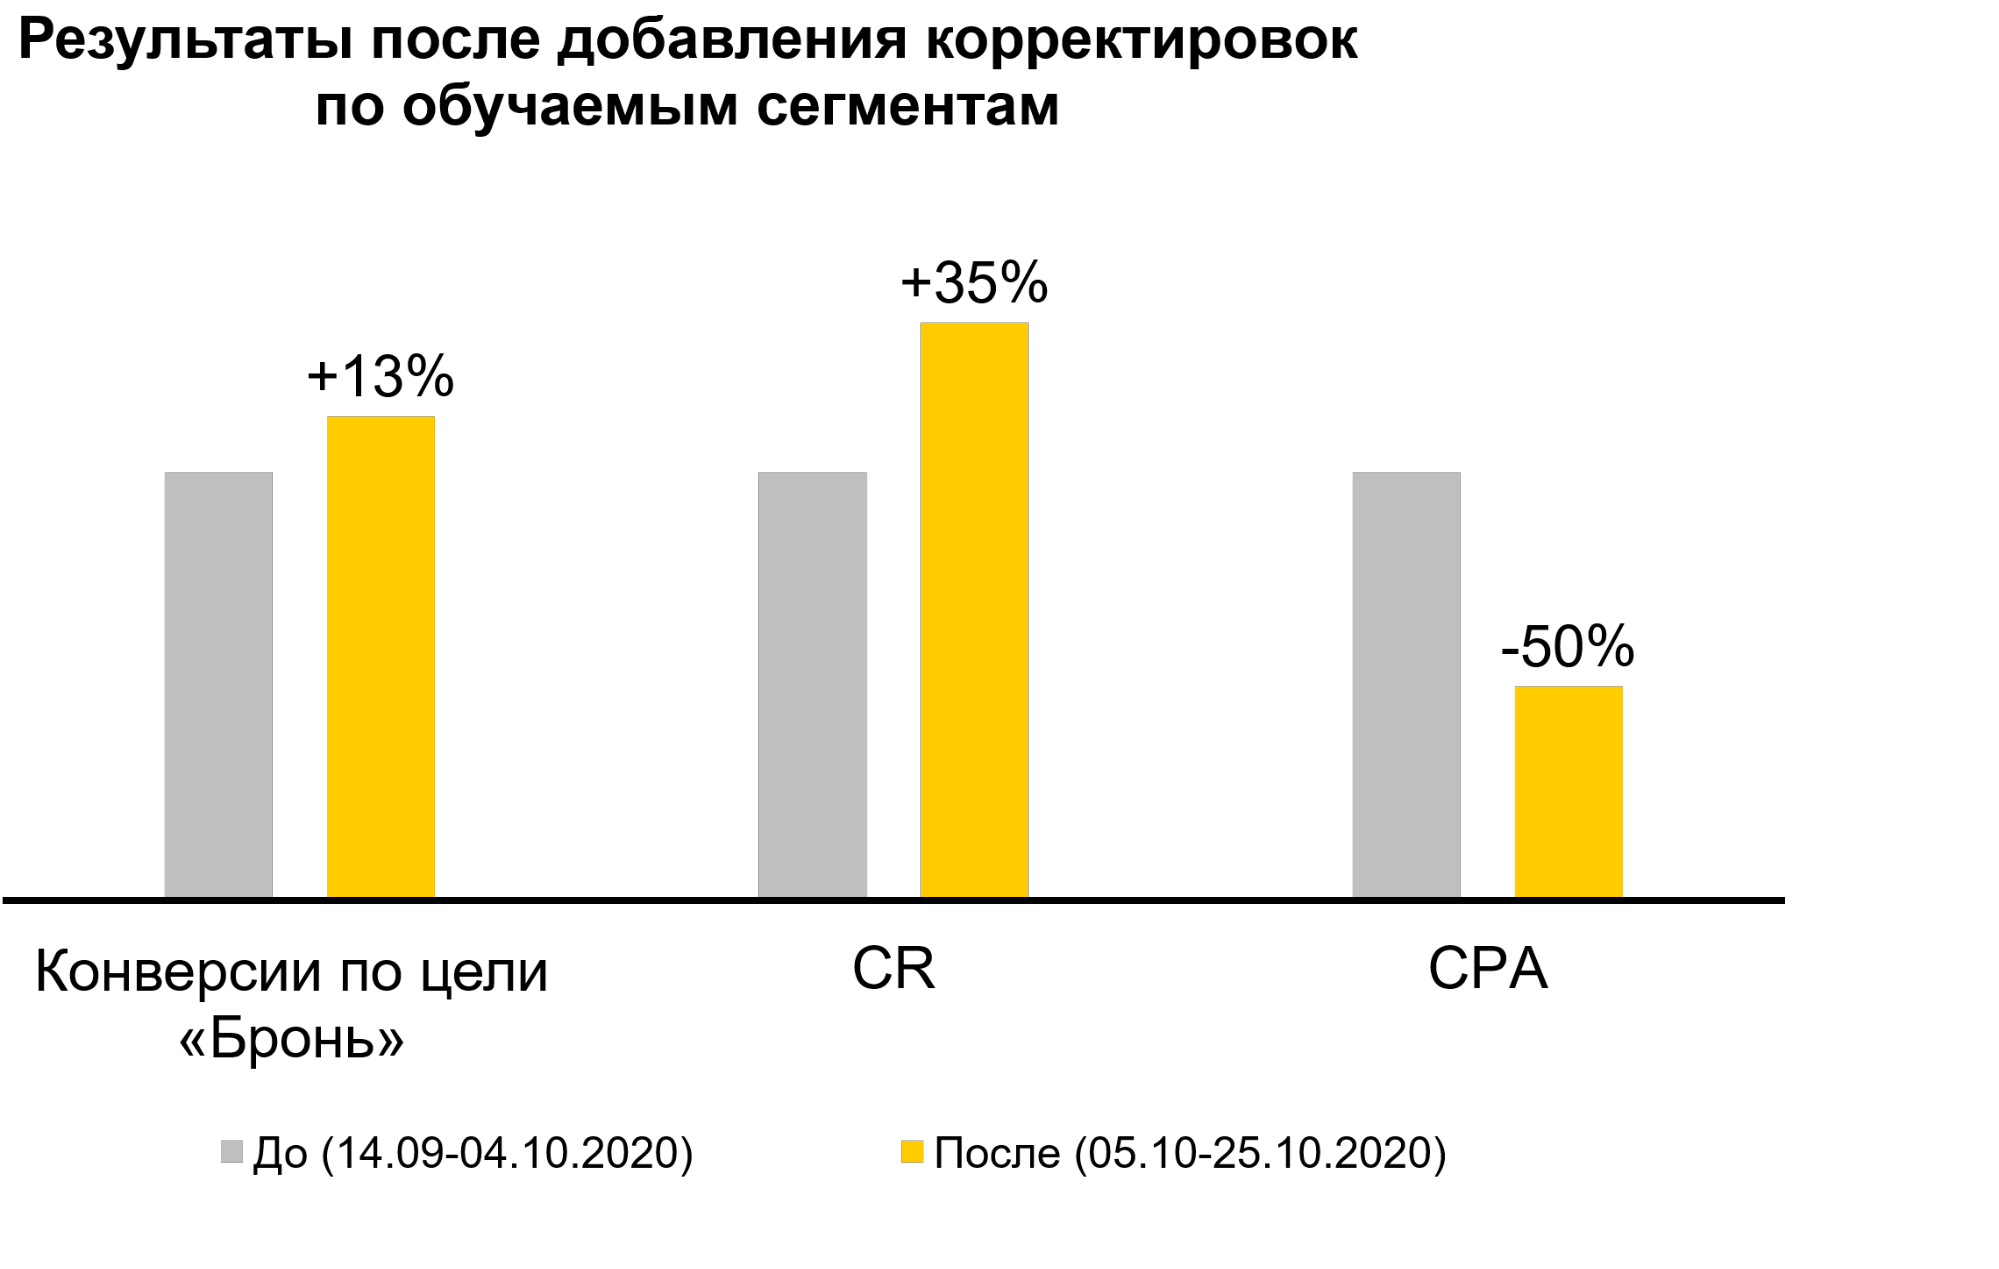 Яндекс Аудитории – результаты кейса по обучаемым сегментам